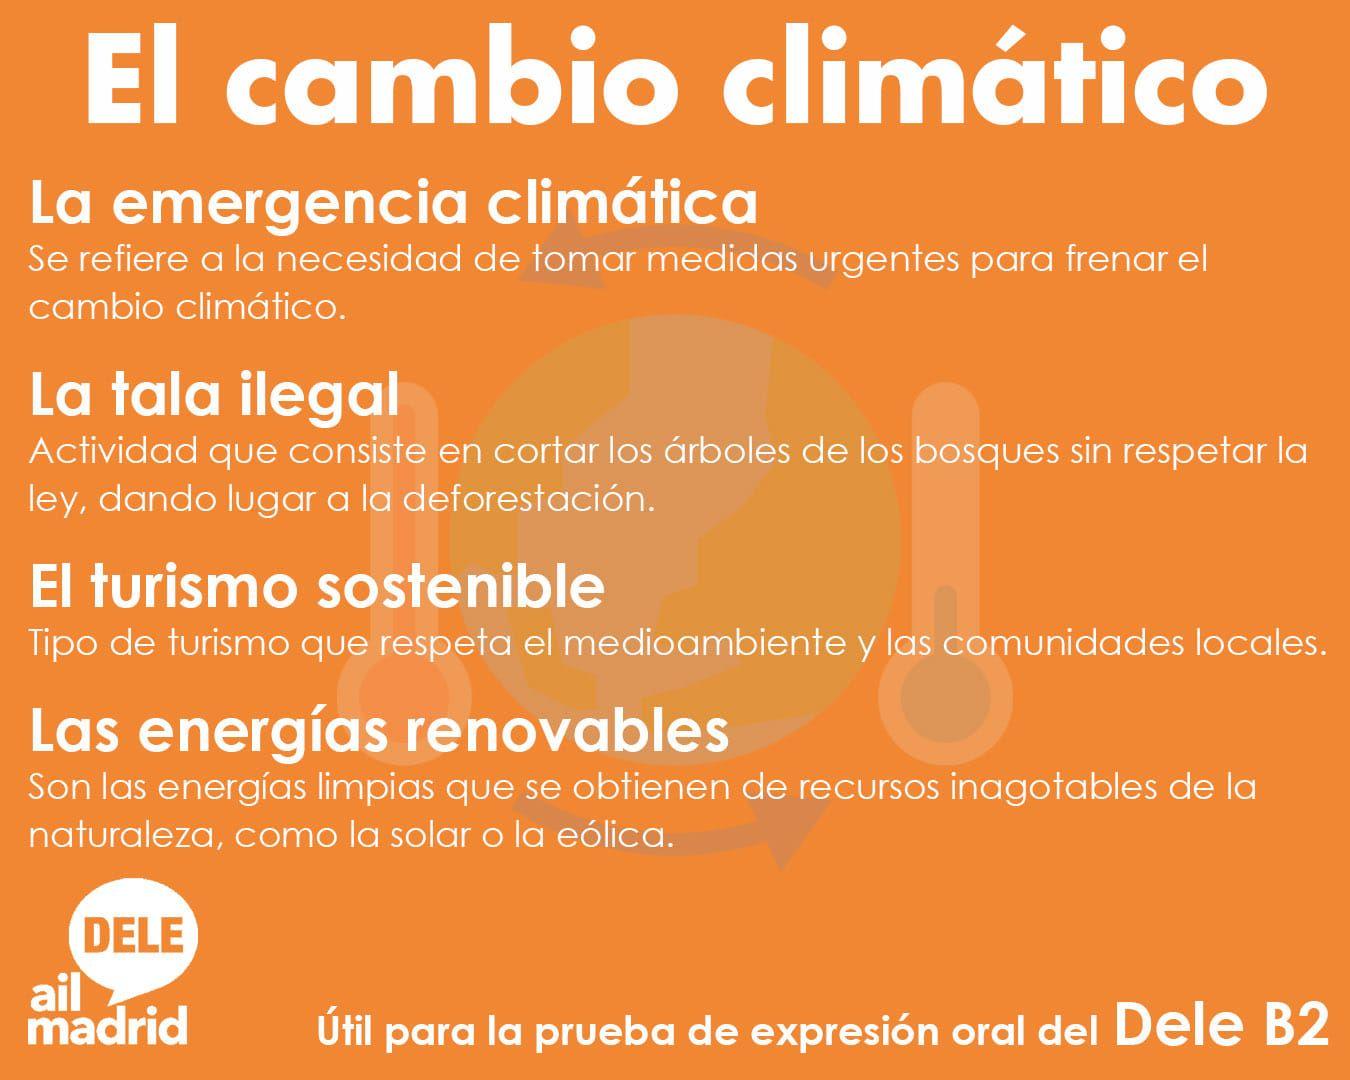 El Cambio Climatico Cambio Climatico Aprender Espanol Tipos De Turismo